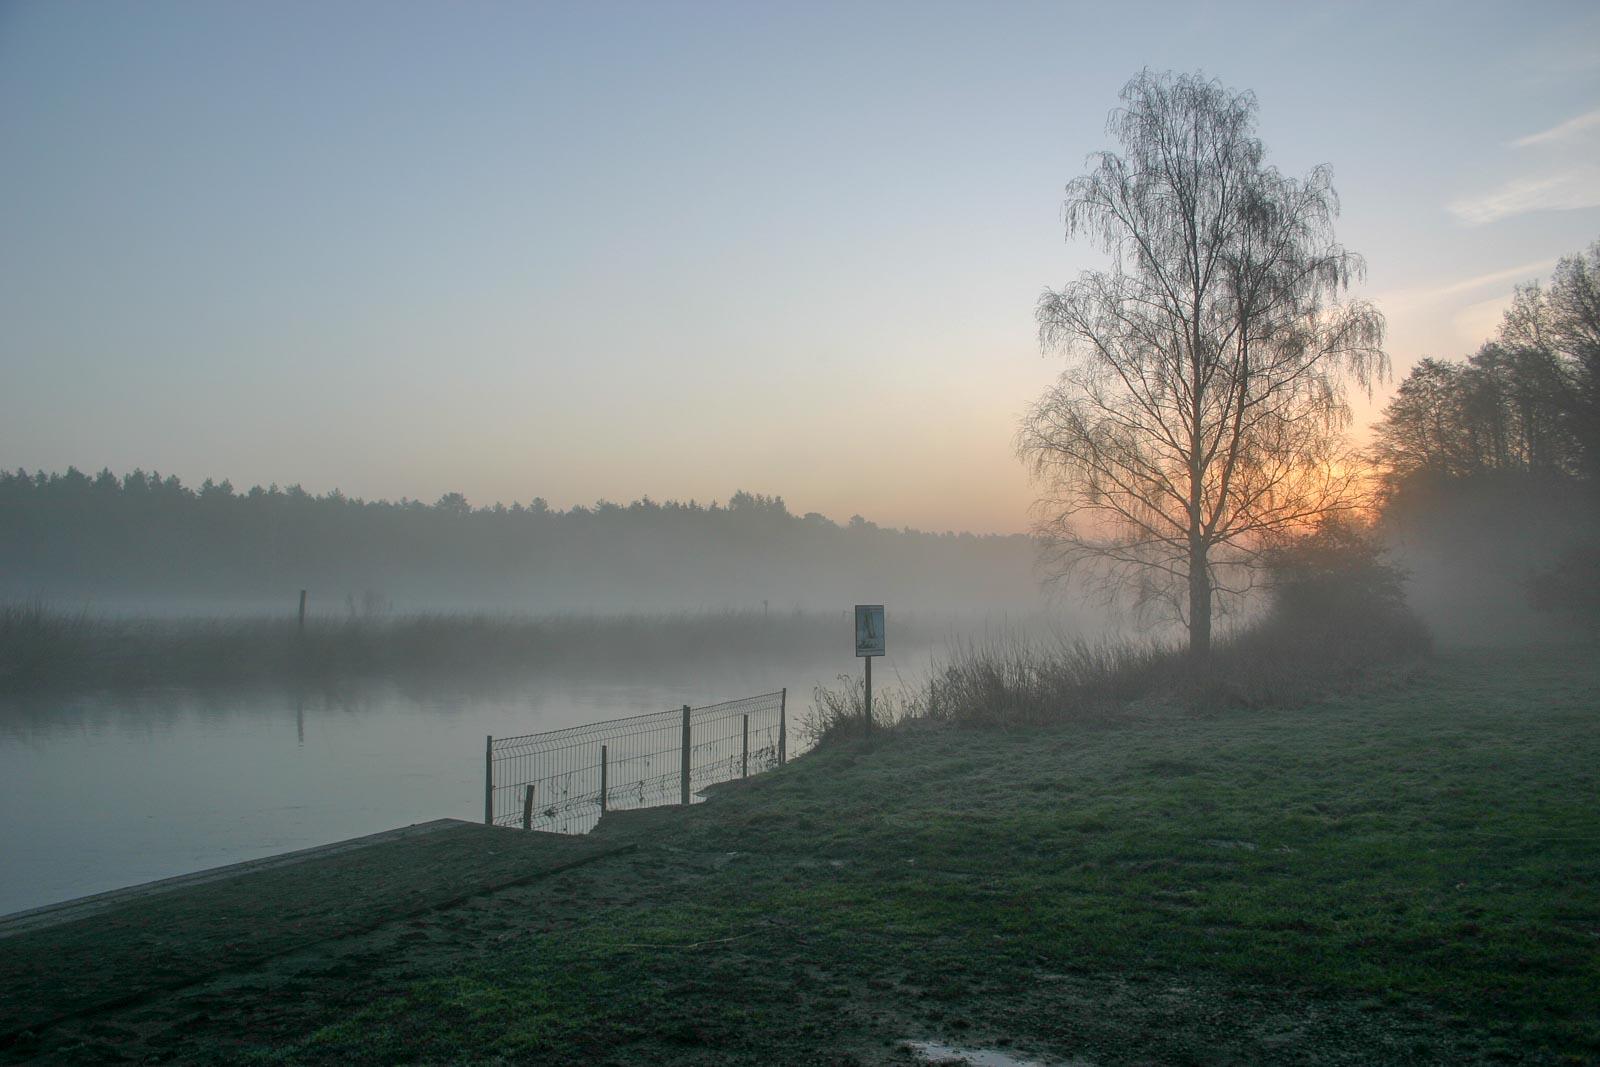 Natuurlandschap met bomen en meertje in de mist